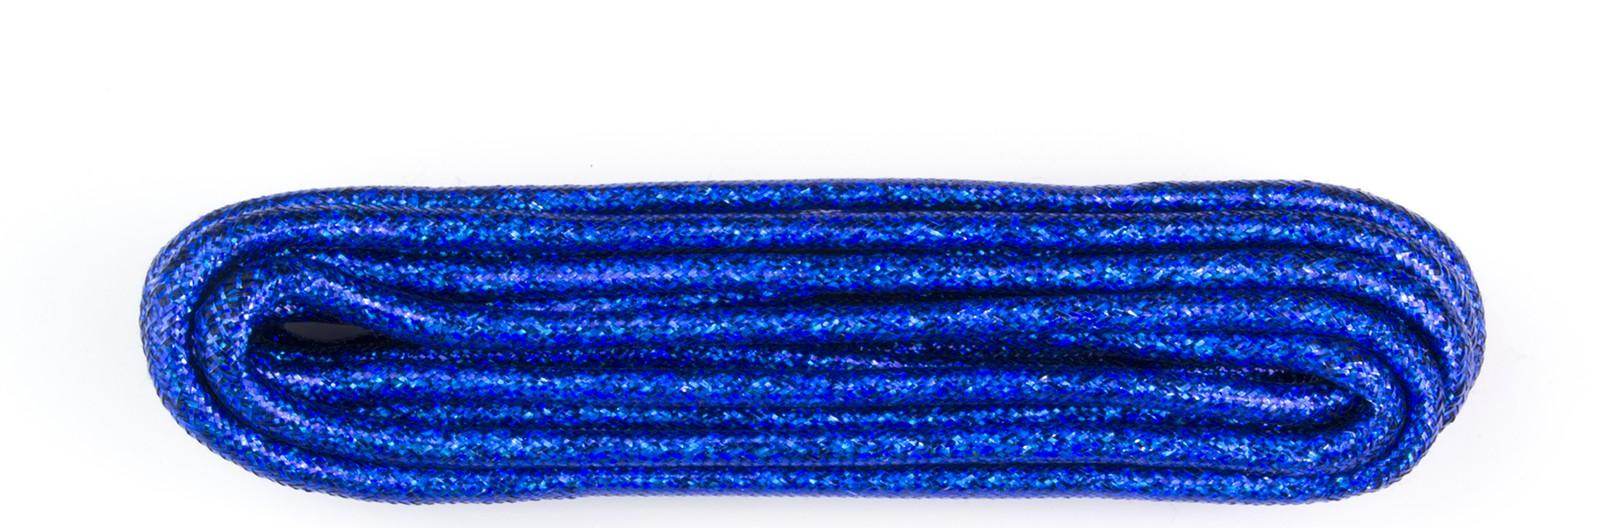 Sneaker Metallic Blue Please Select